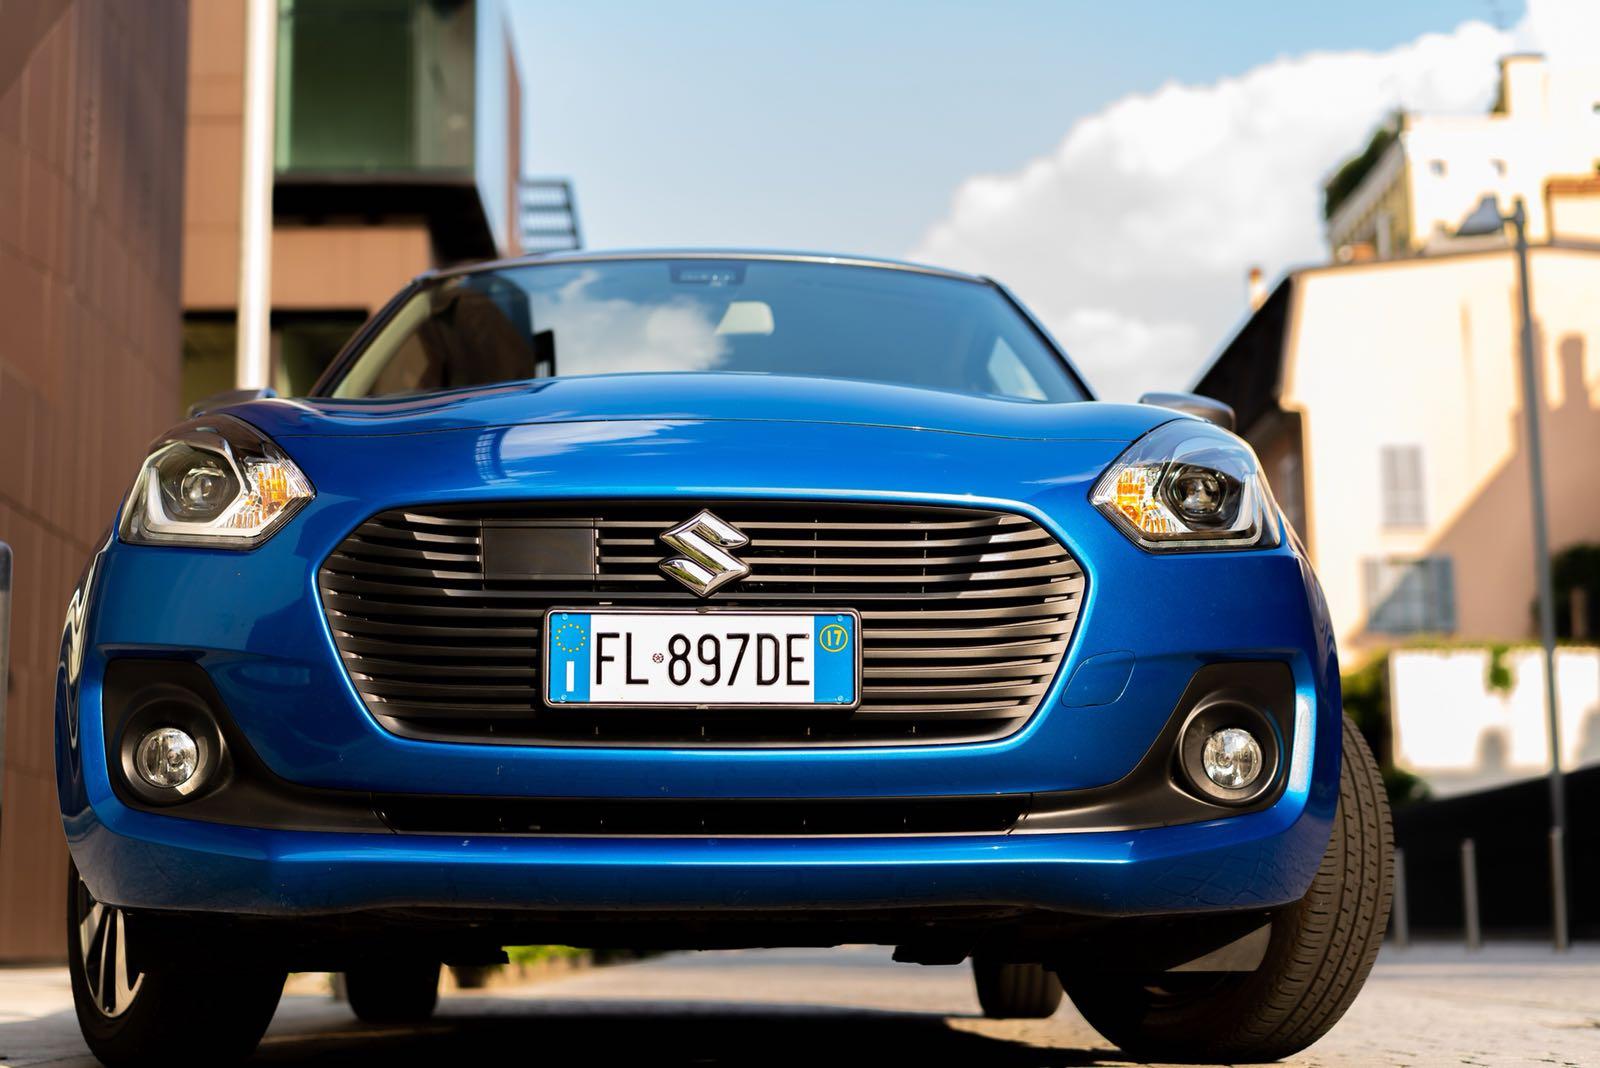 Suzuki Swift Hybrid frontale